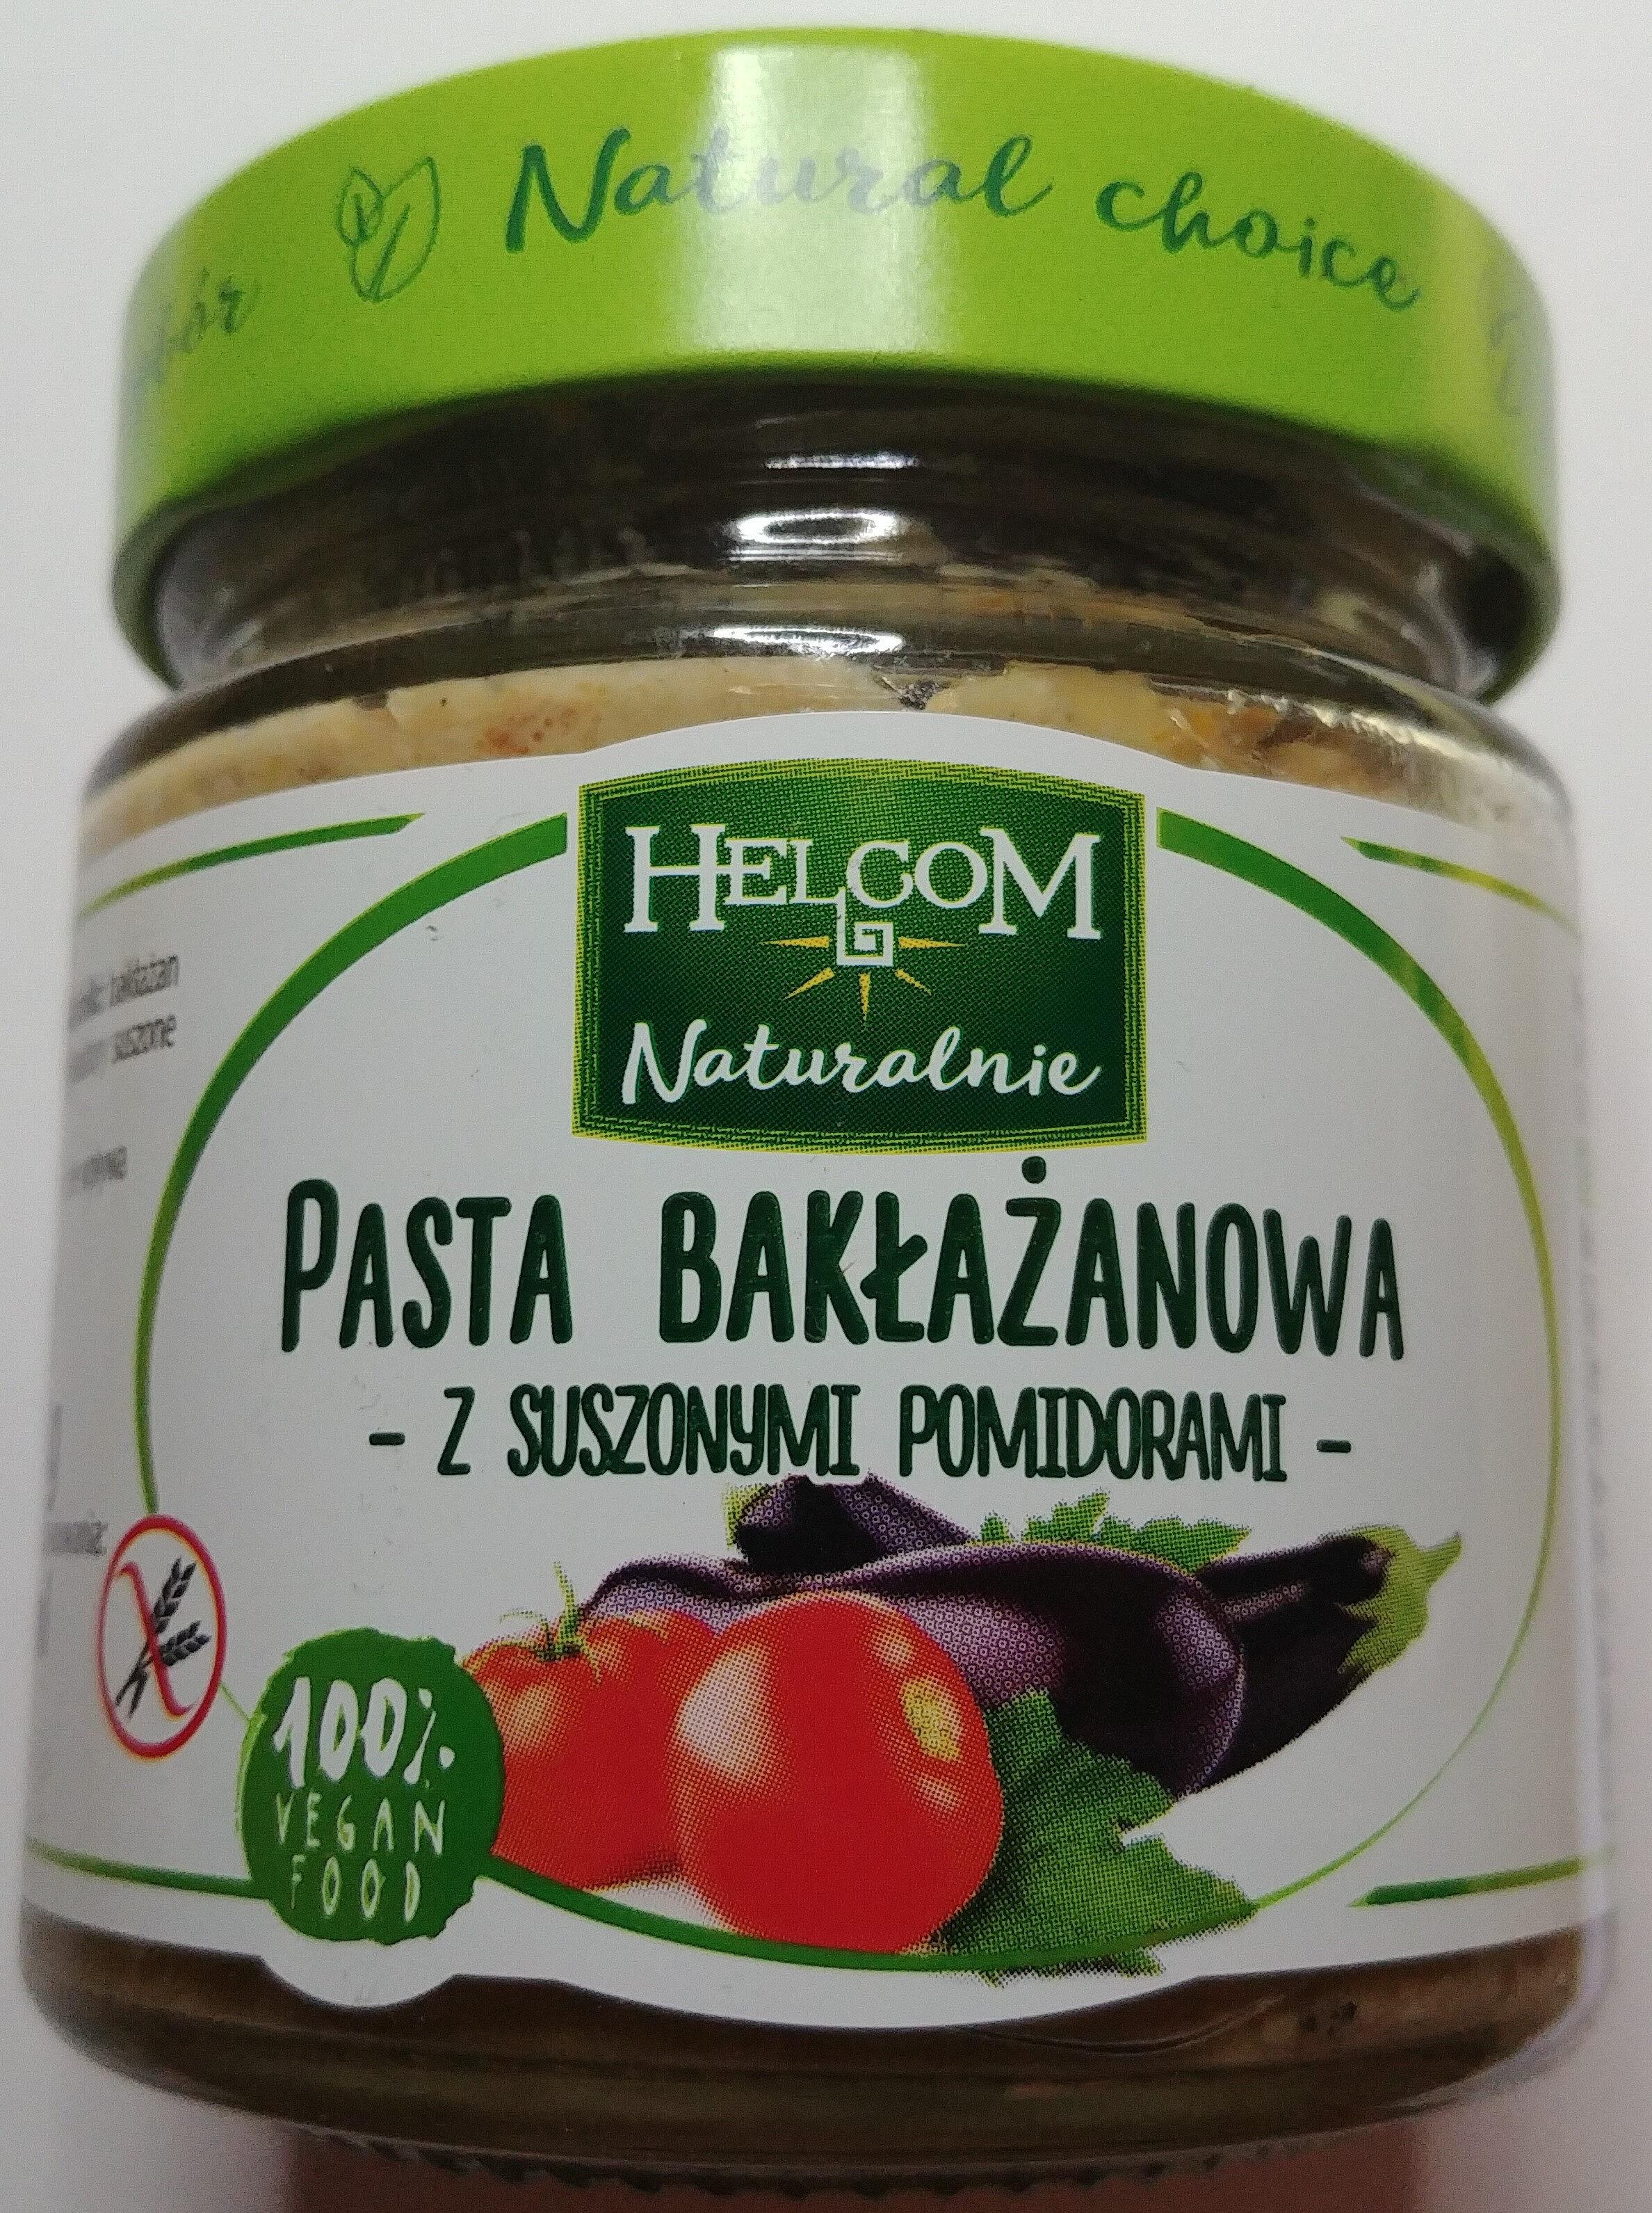 Pasta bakłażanowa z suszonymi pomidorami - Product - pl